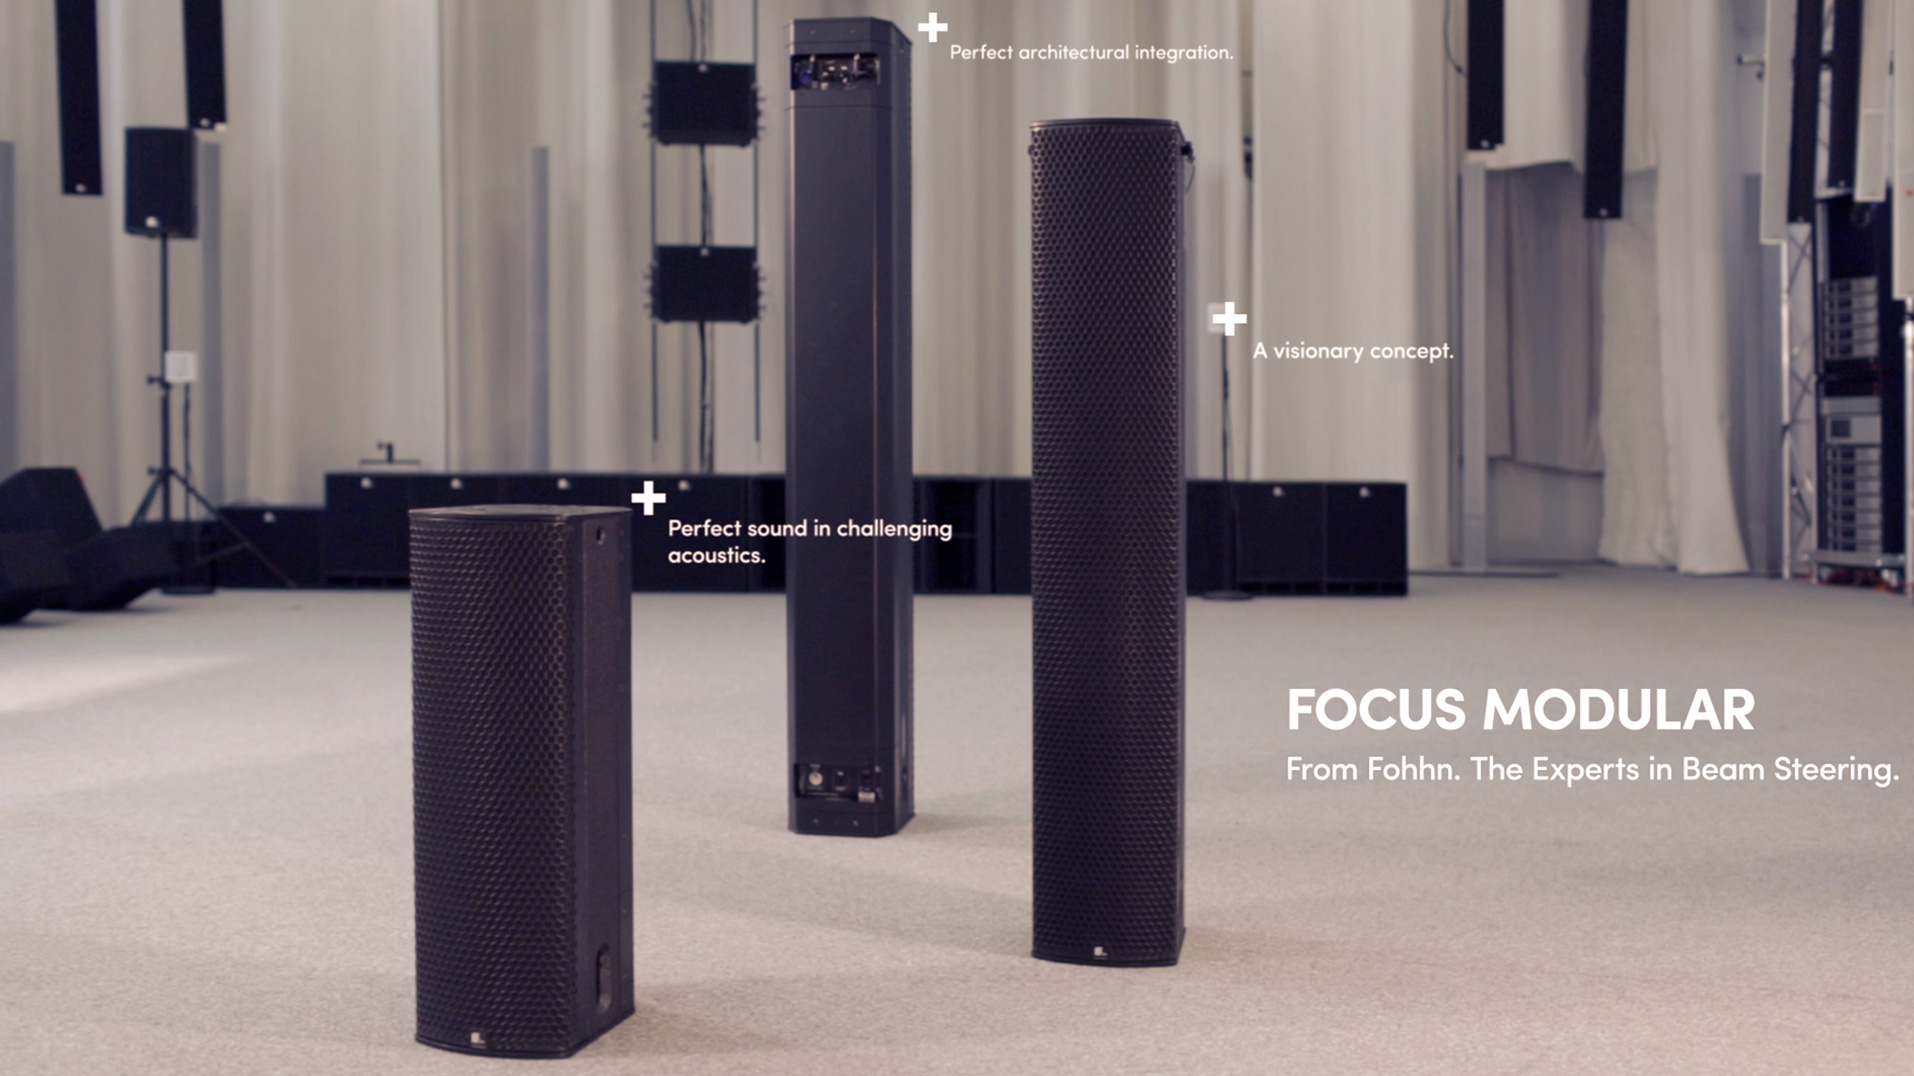 Motion Graphic Produktvideo über Fohhn Focus Modular im Gewandhaus Leipzig